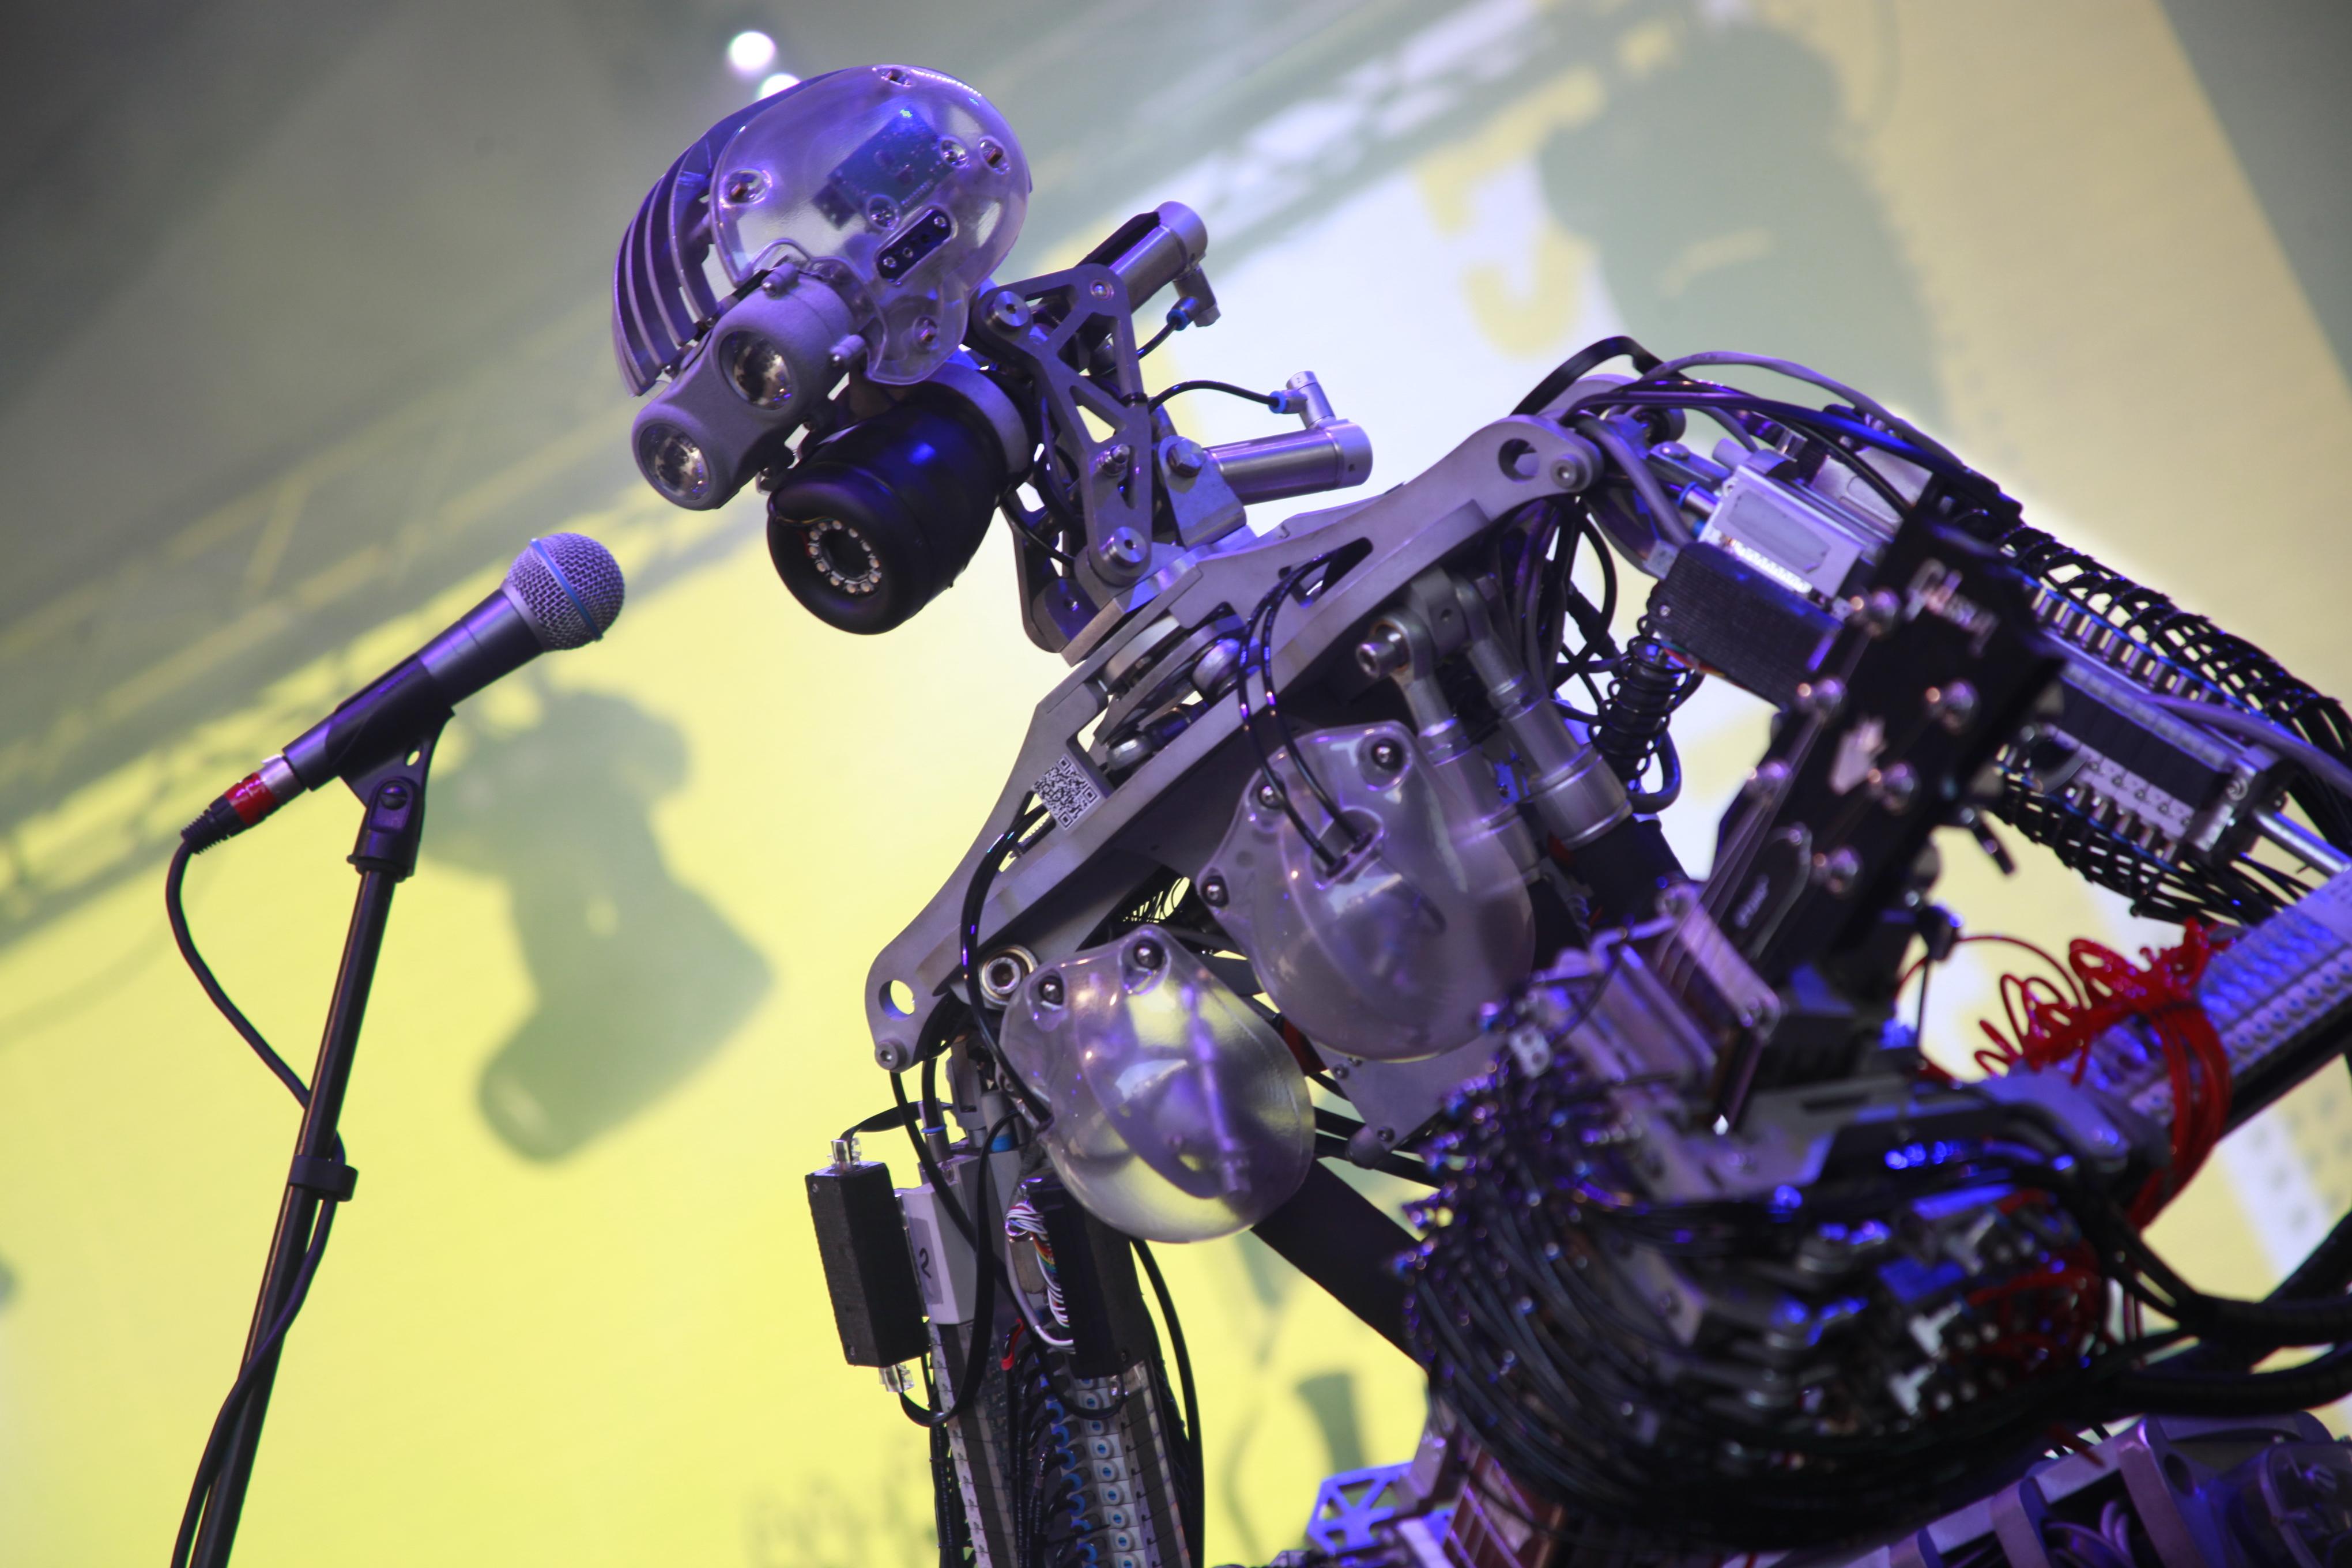 Инженерия – это модно: в Днепре стартовал крупнейший технический фестиваль Восточной Европы - Interpipe TechFest. Новости Днепра